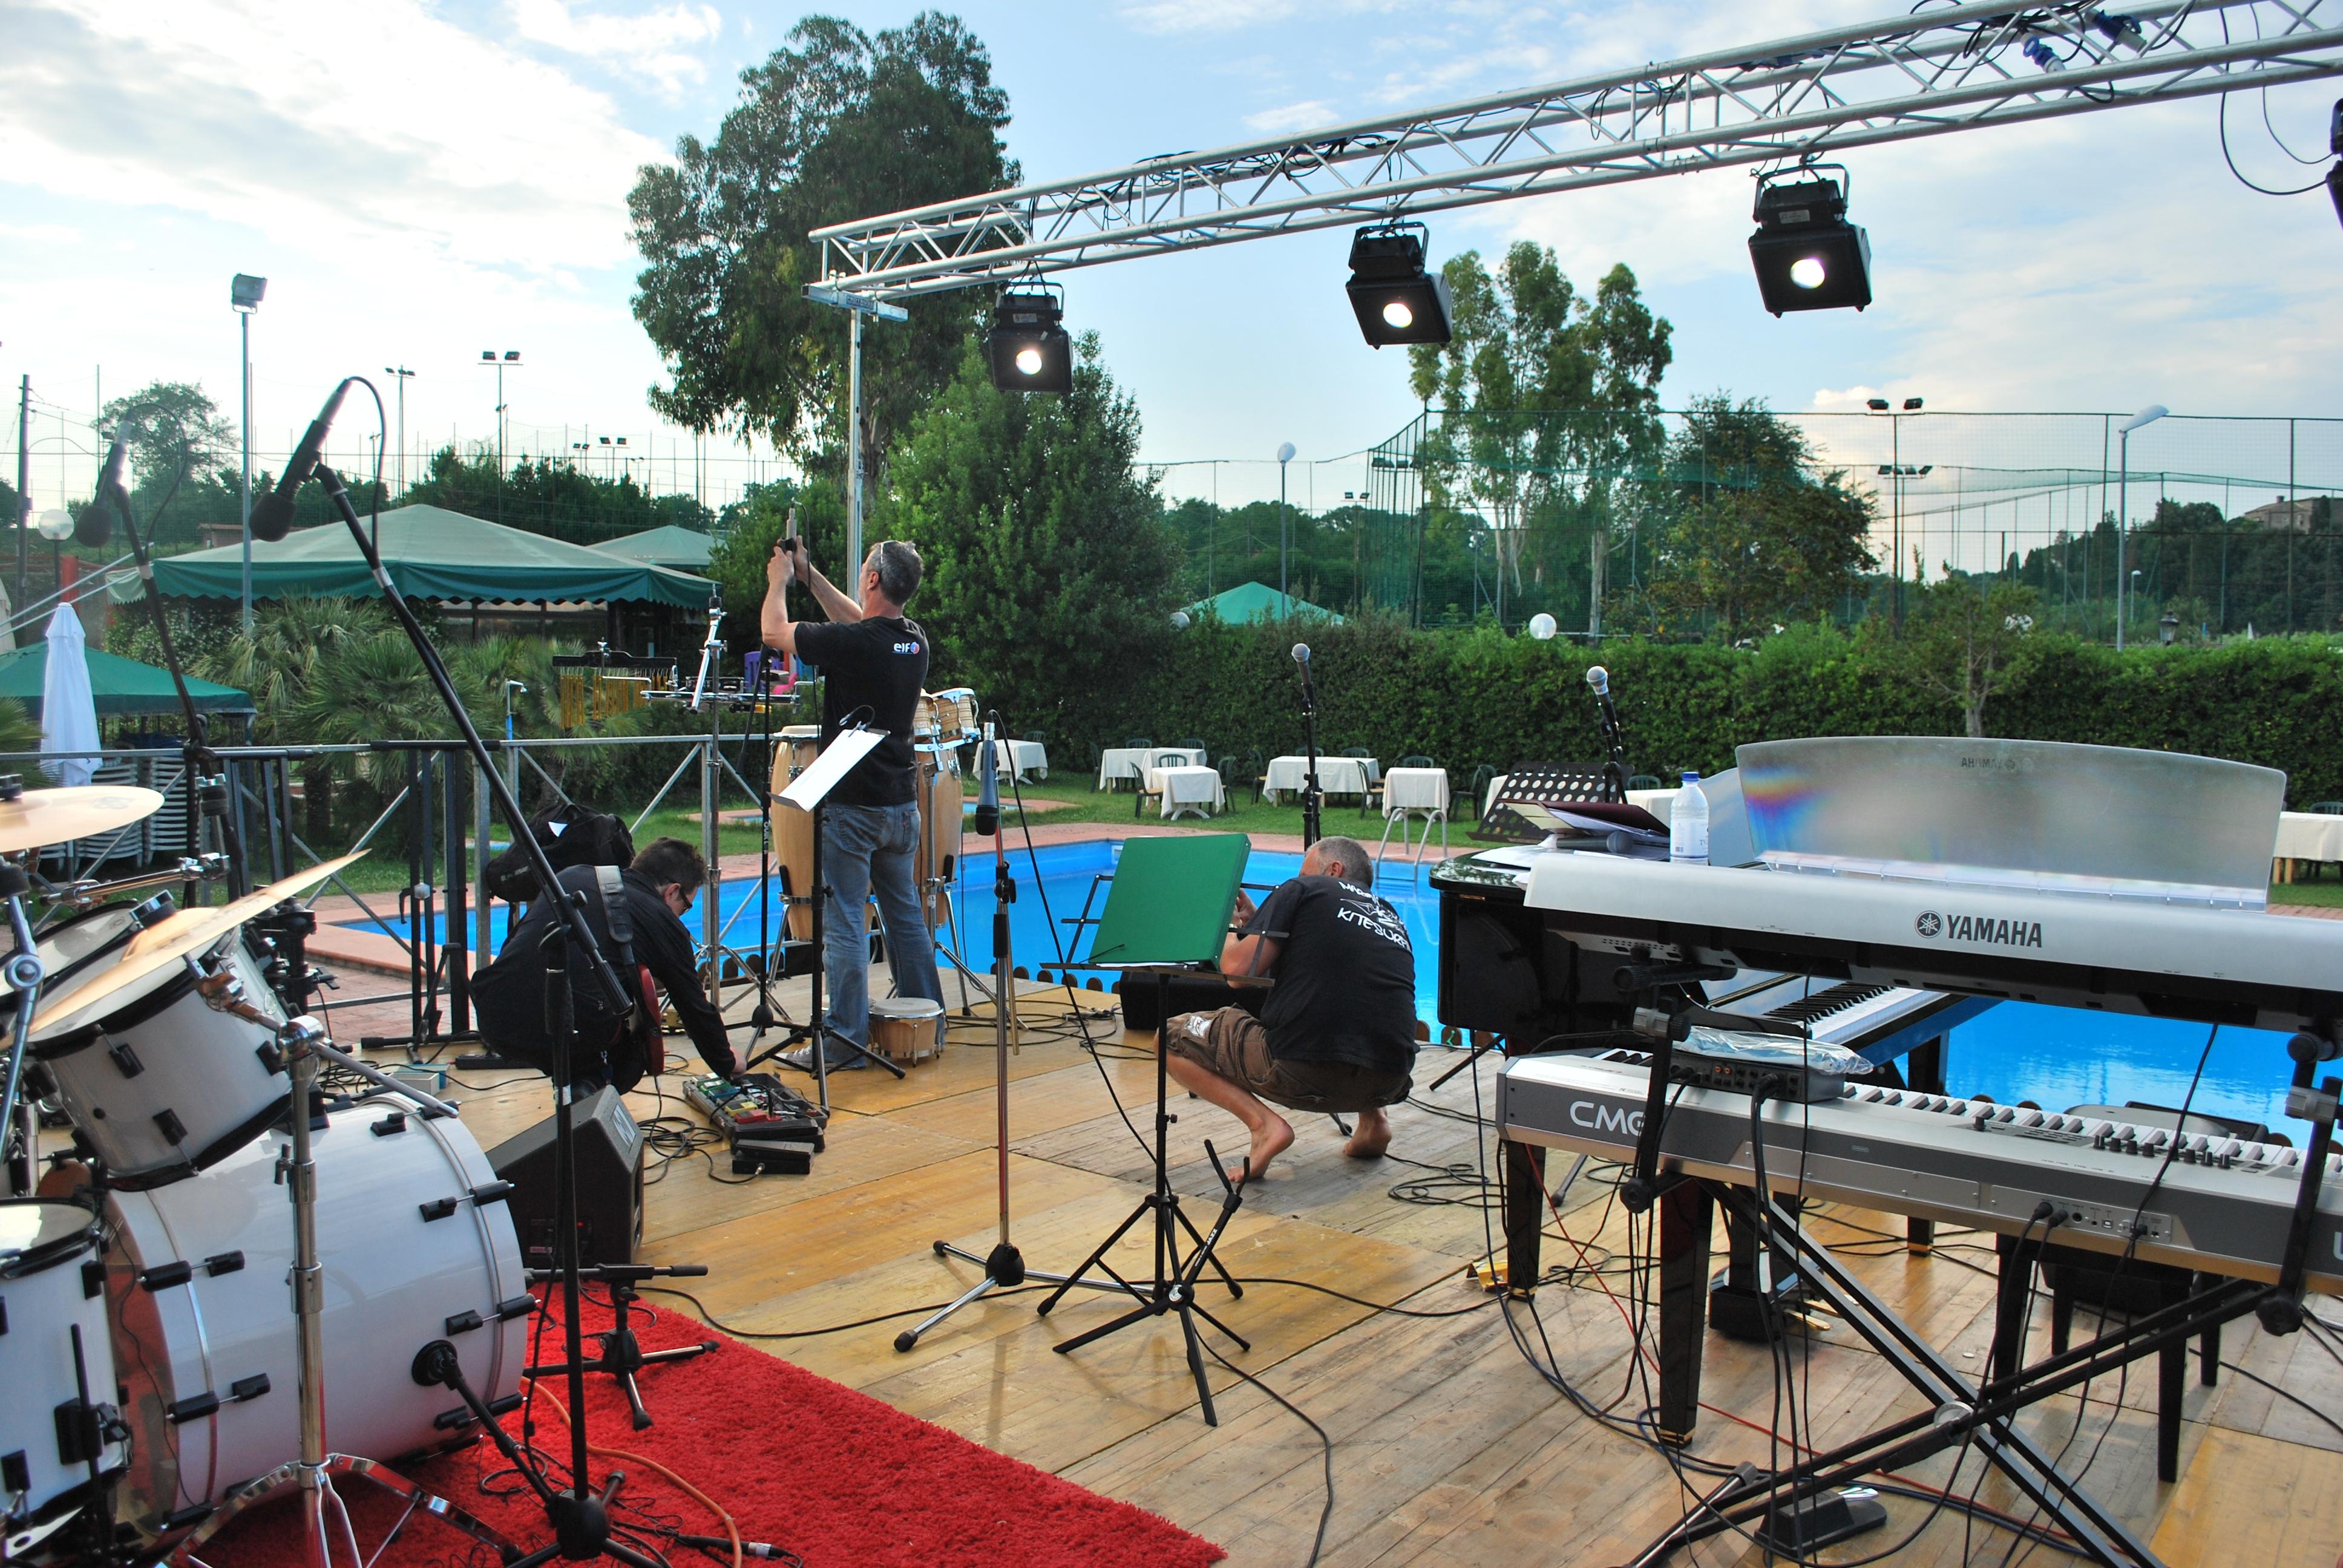 Scuola di musica e canto a roma nord